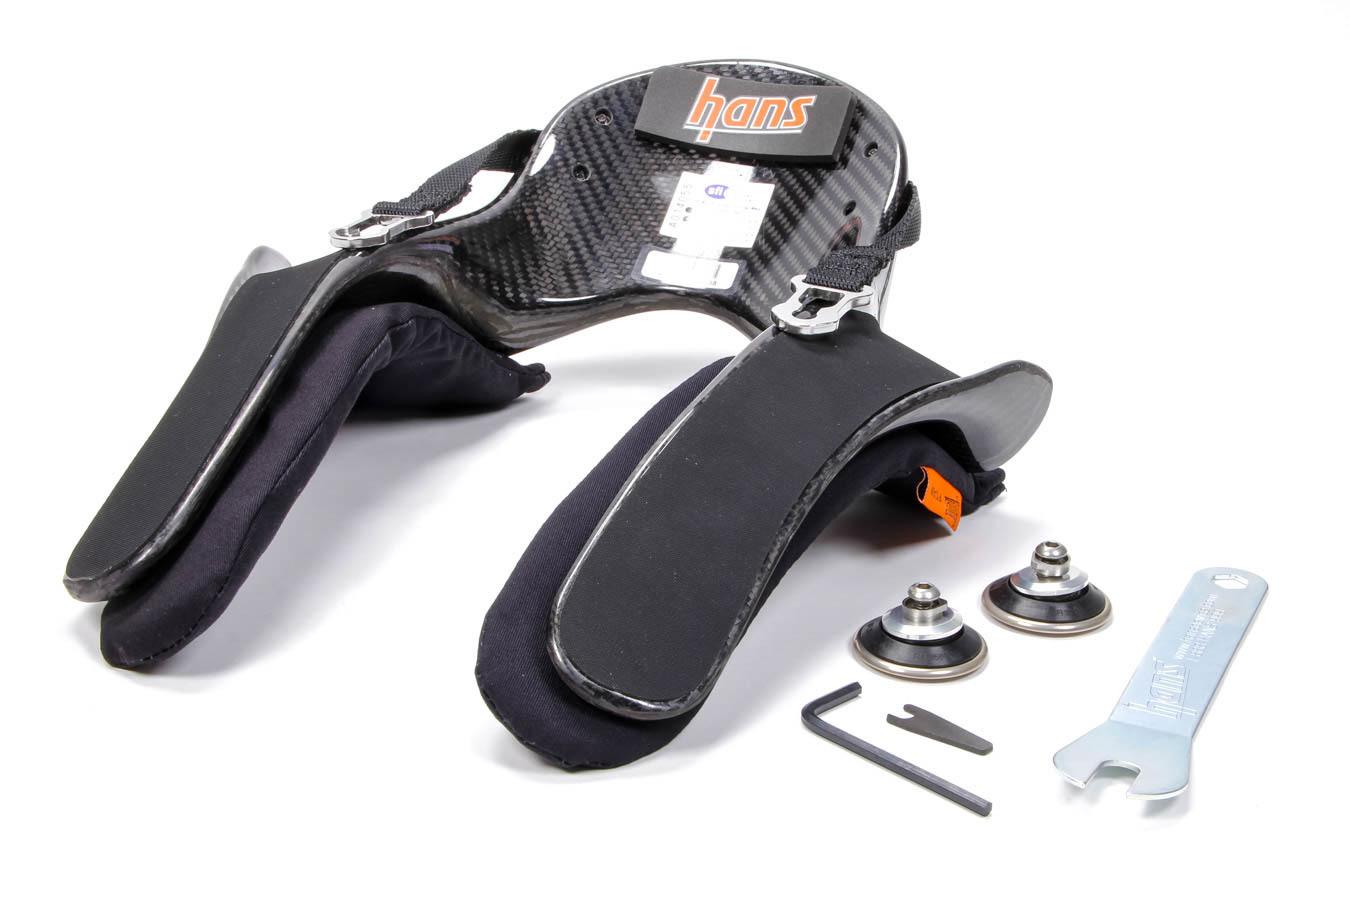 Hans DK13235.32SFI Head and Neck Support, Ultra Pro Model 20, SFI 38.1, Sliding Post Tether, Helmet Anchor, Carbon Fiber, Medium, Kit